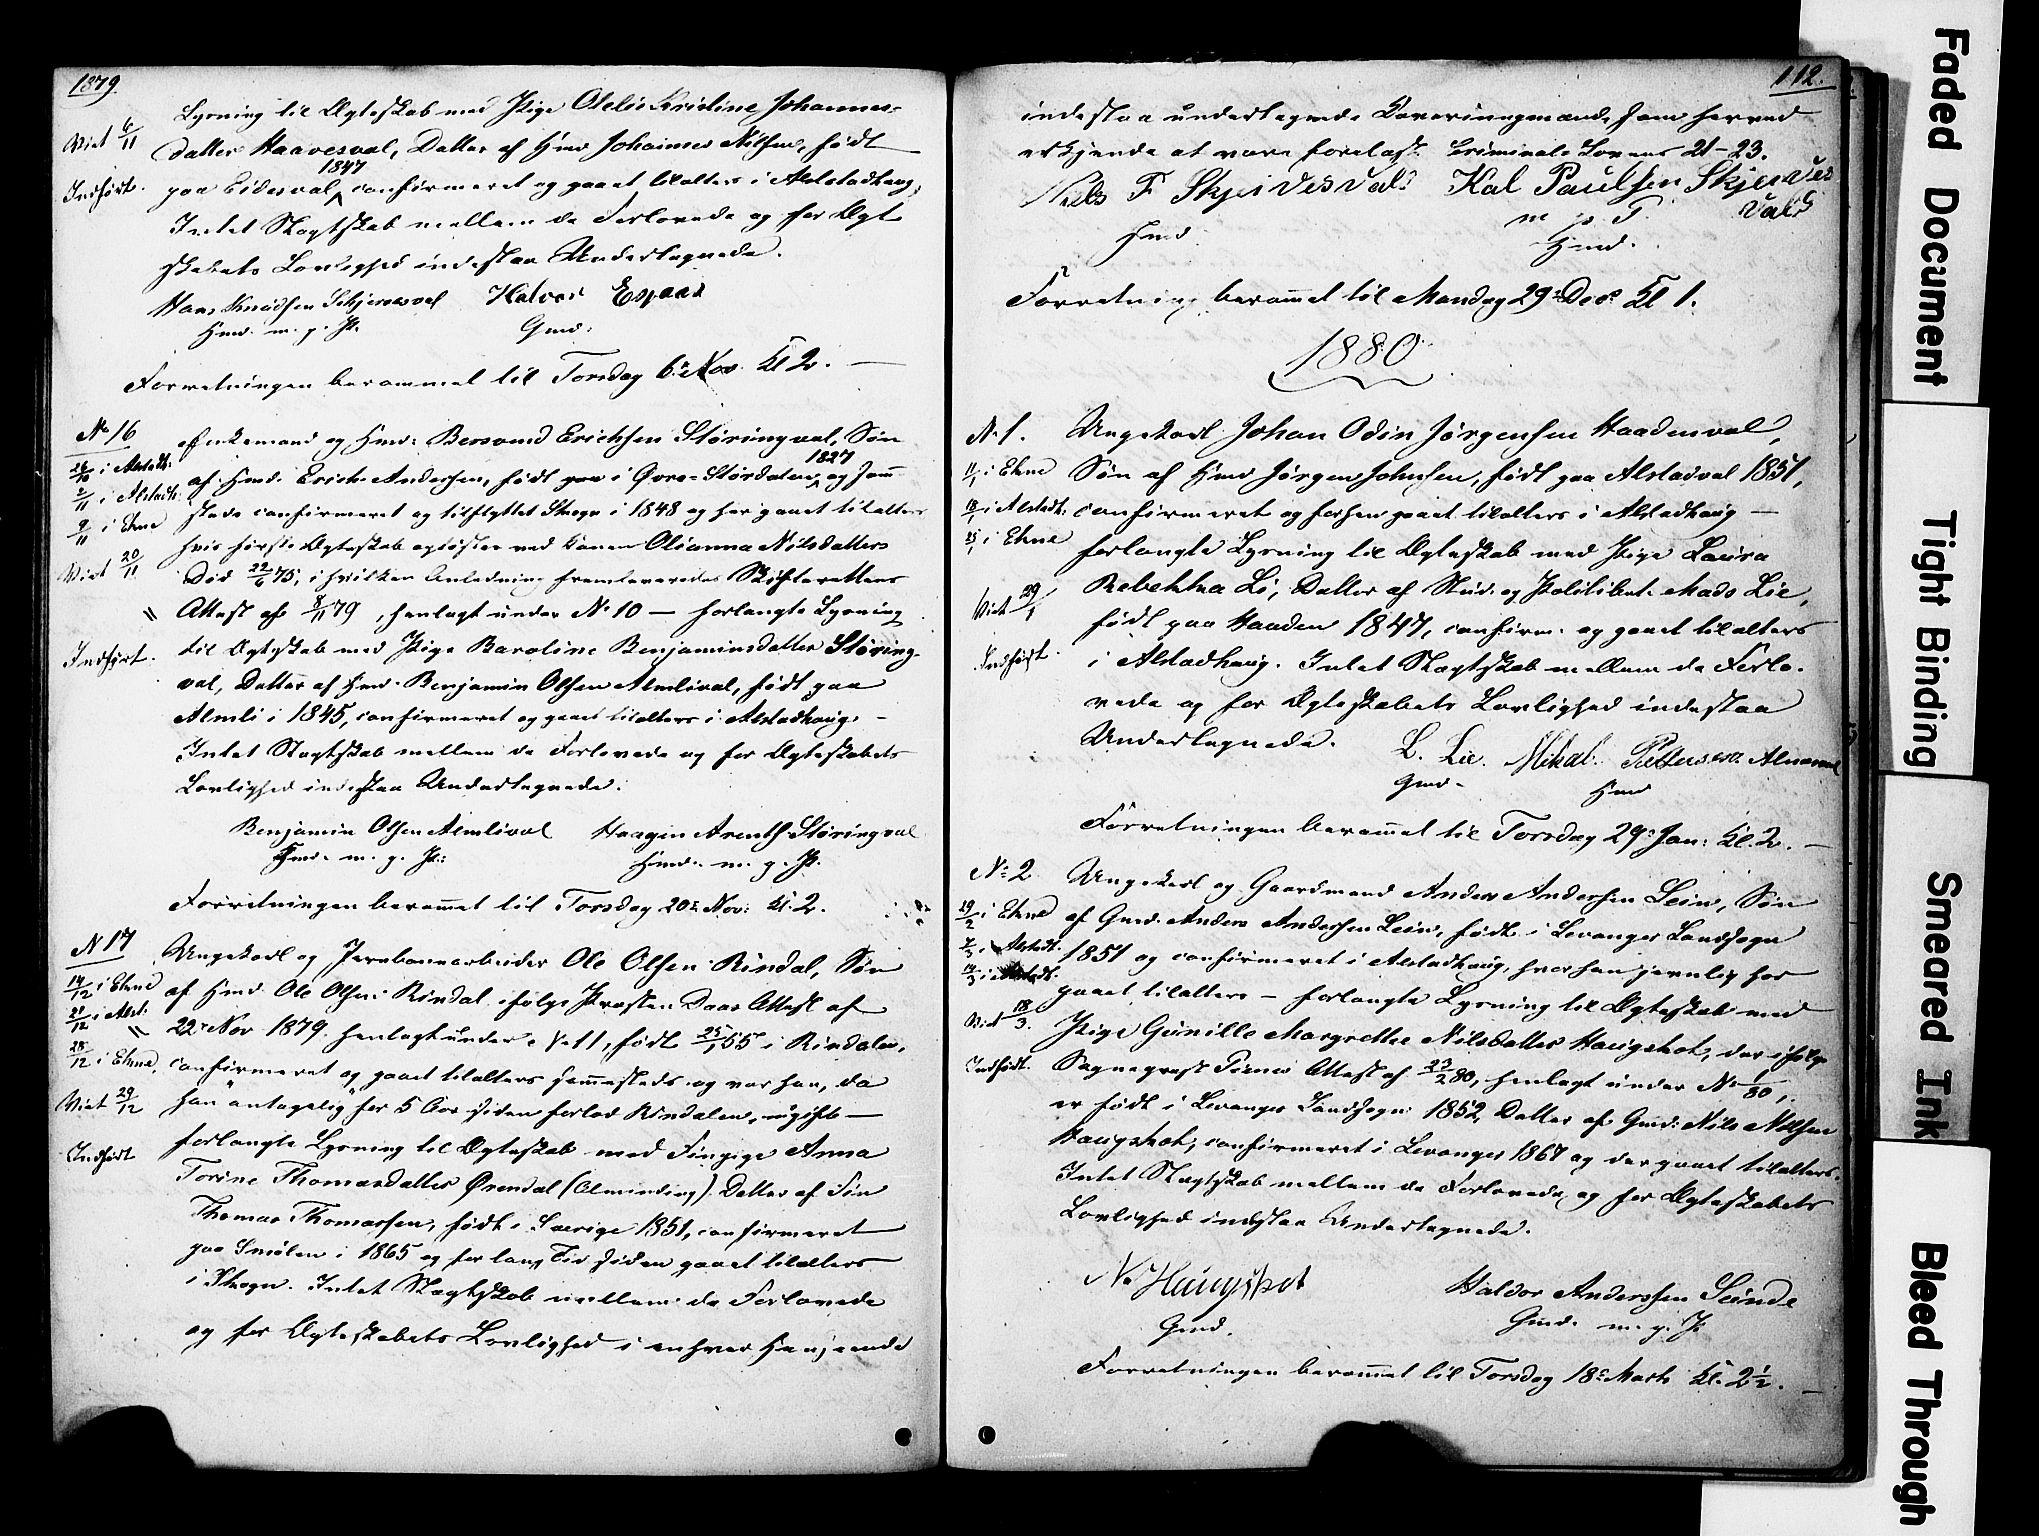 SAT, Ministerialprotokoller, klokkerbøker og fødselsregistre - Nord-Trøndelag, 717/L0161: Forlovererklæringer nr. 717A11, 1850-1895, s. 112